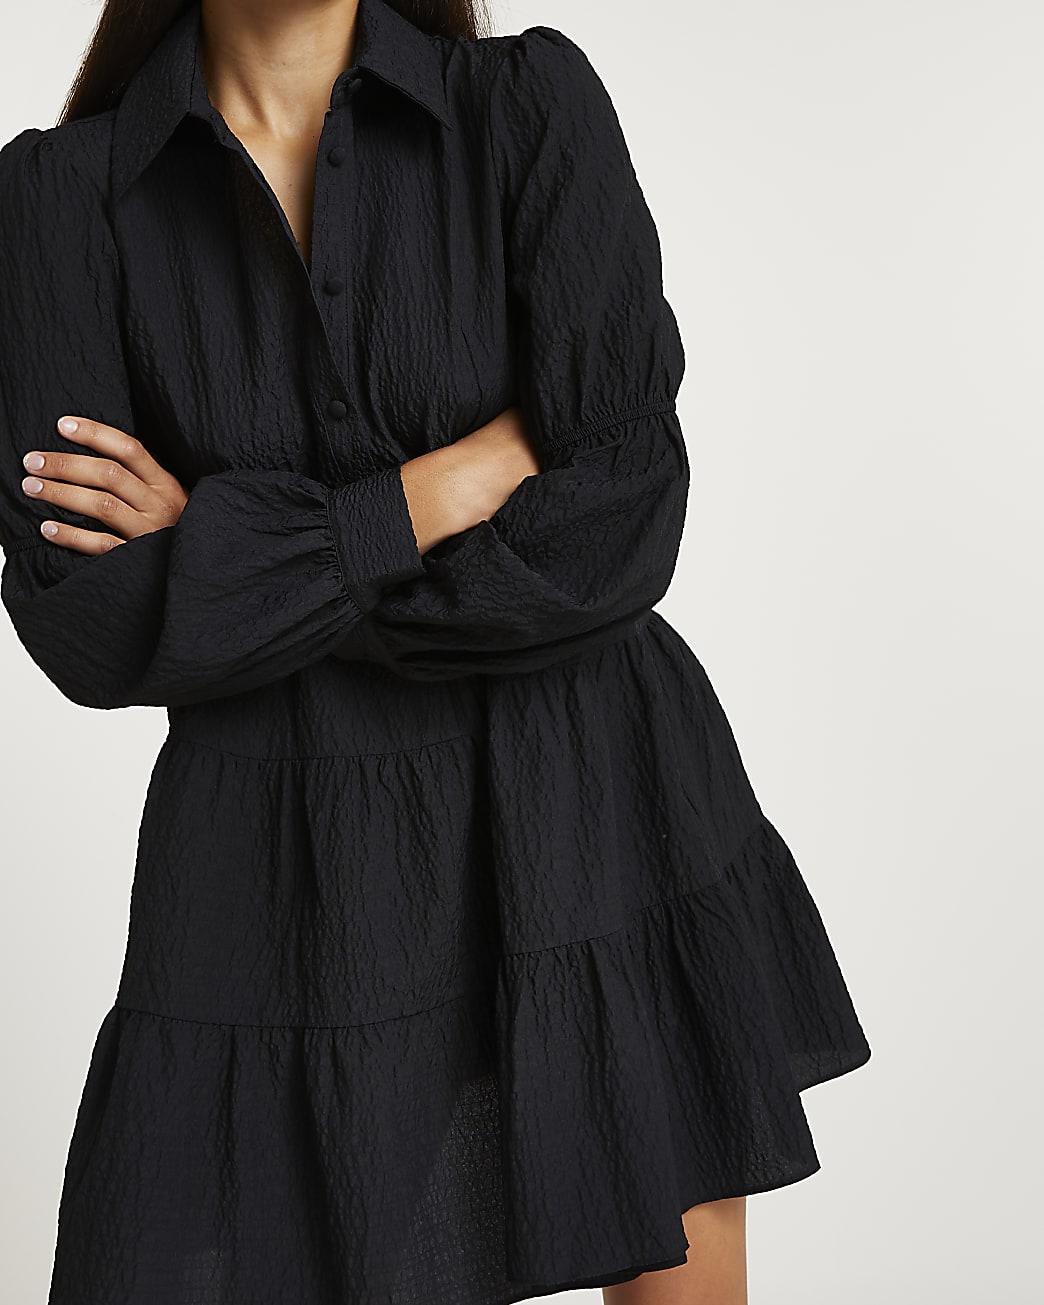 Black tiered mini shirt dress